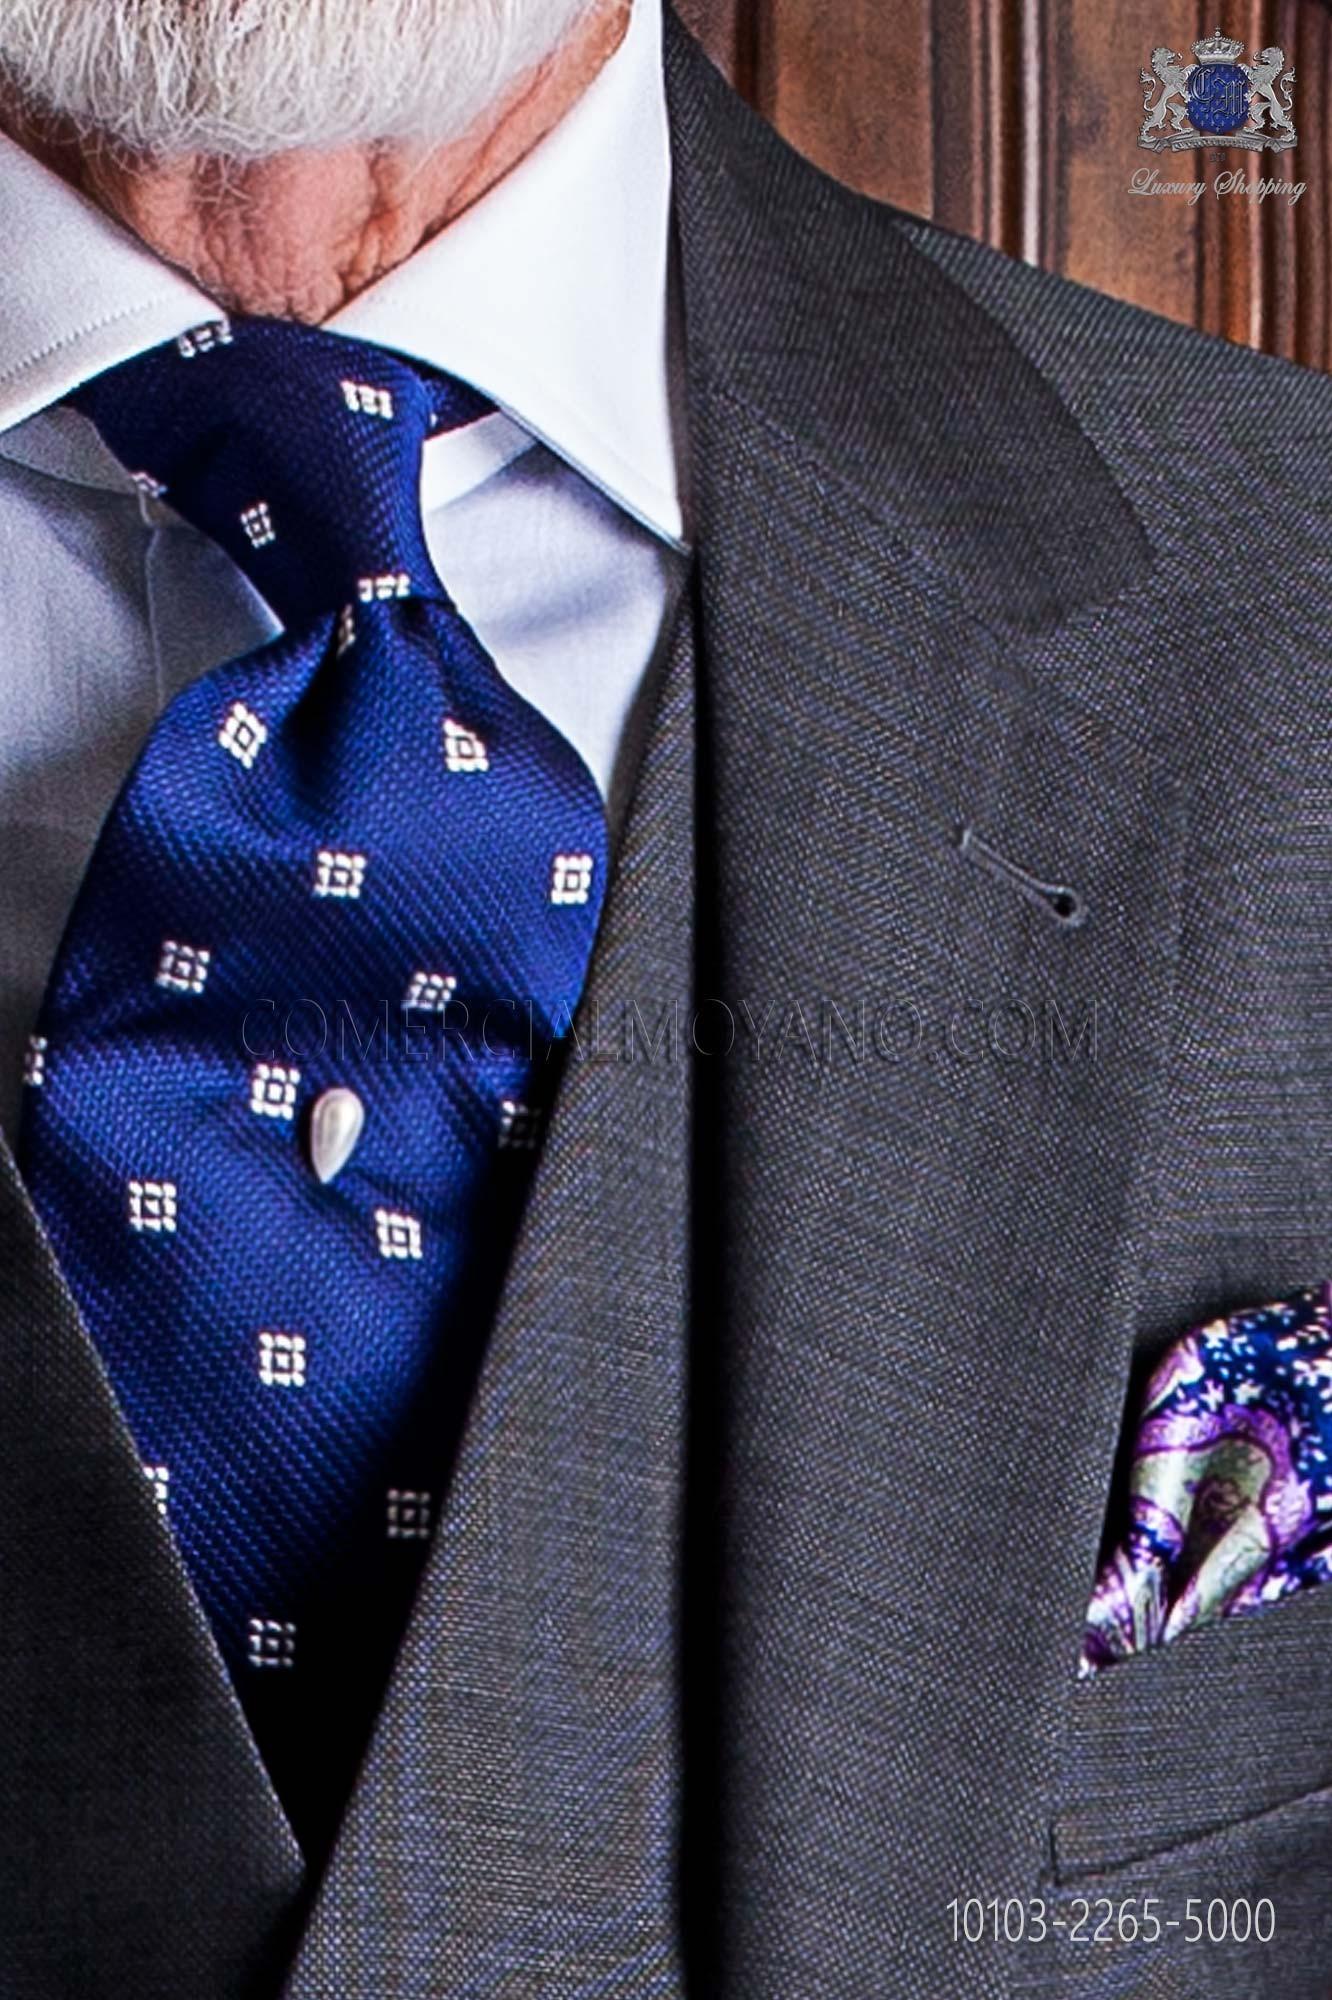 Corbata azul con dise os cuadrados plata en pura seda jacquard for Disenos de corbatas